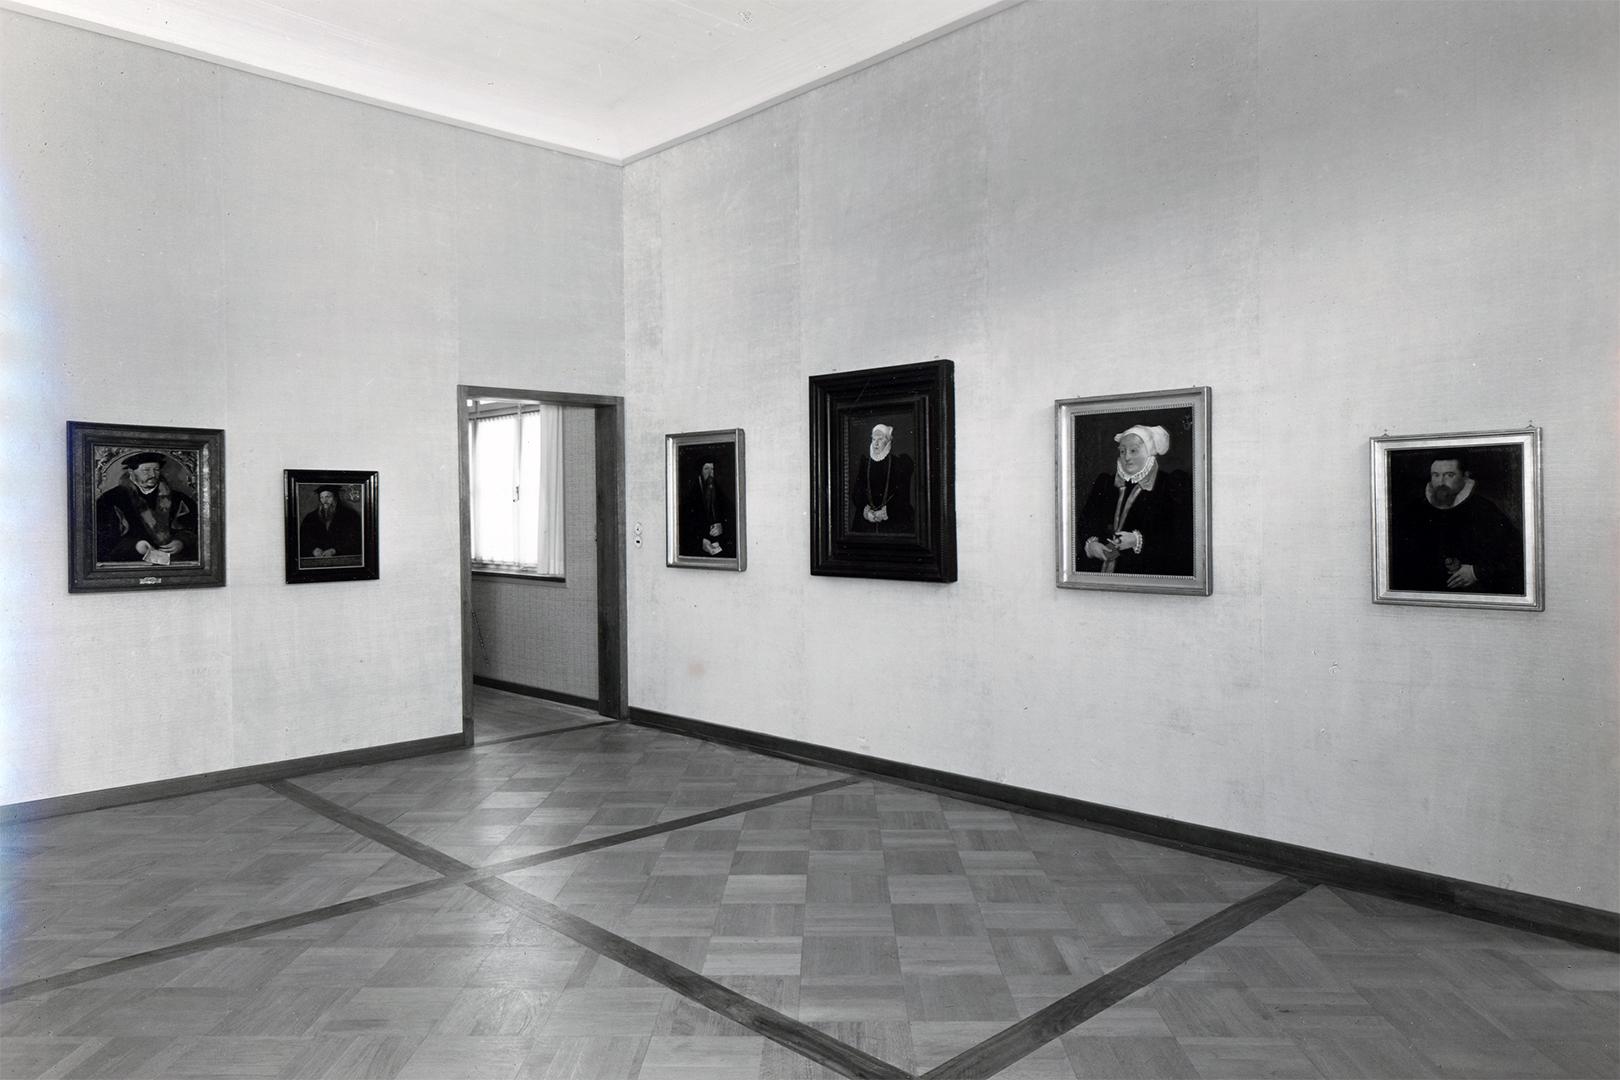 Das Stimmer-Kabinett im Zustand vor der Bombardierung, um 1940.